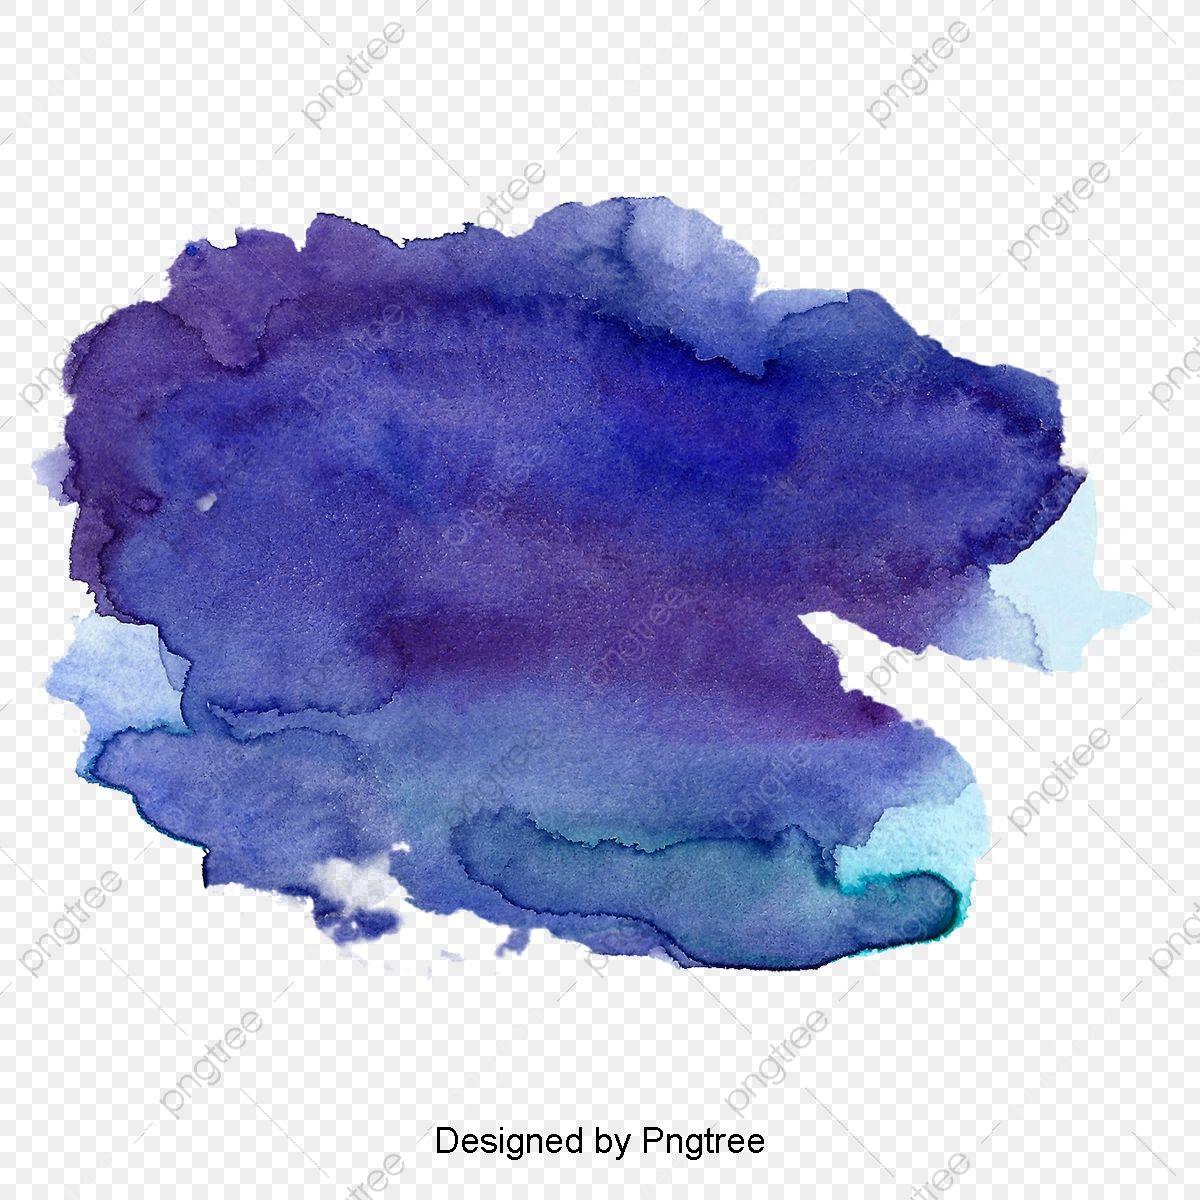 Azul Efecto Acuarela Dibujo A Color Acuarela Mark Trazos De Acuarela Png Y Psd Para Descargar Gratis Pngtree En 2020 Fondos Acuarela Texturas Acuarela Tarjetas De Acuarela